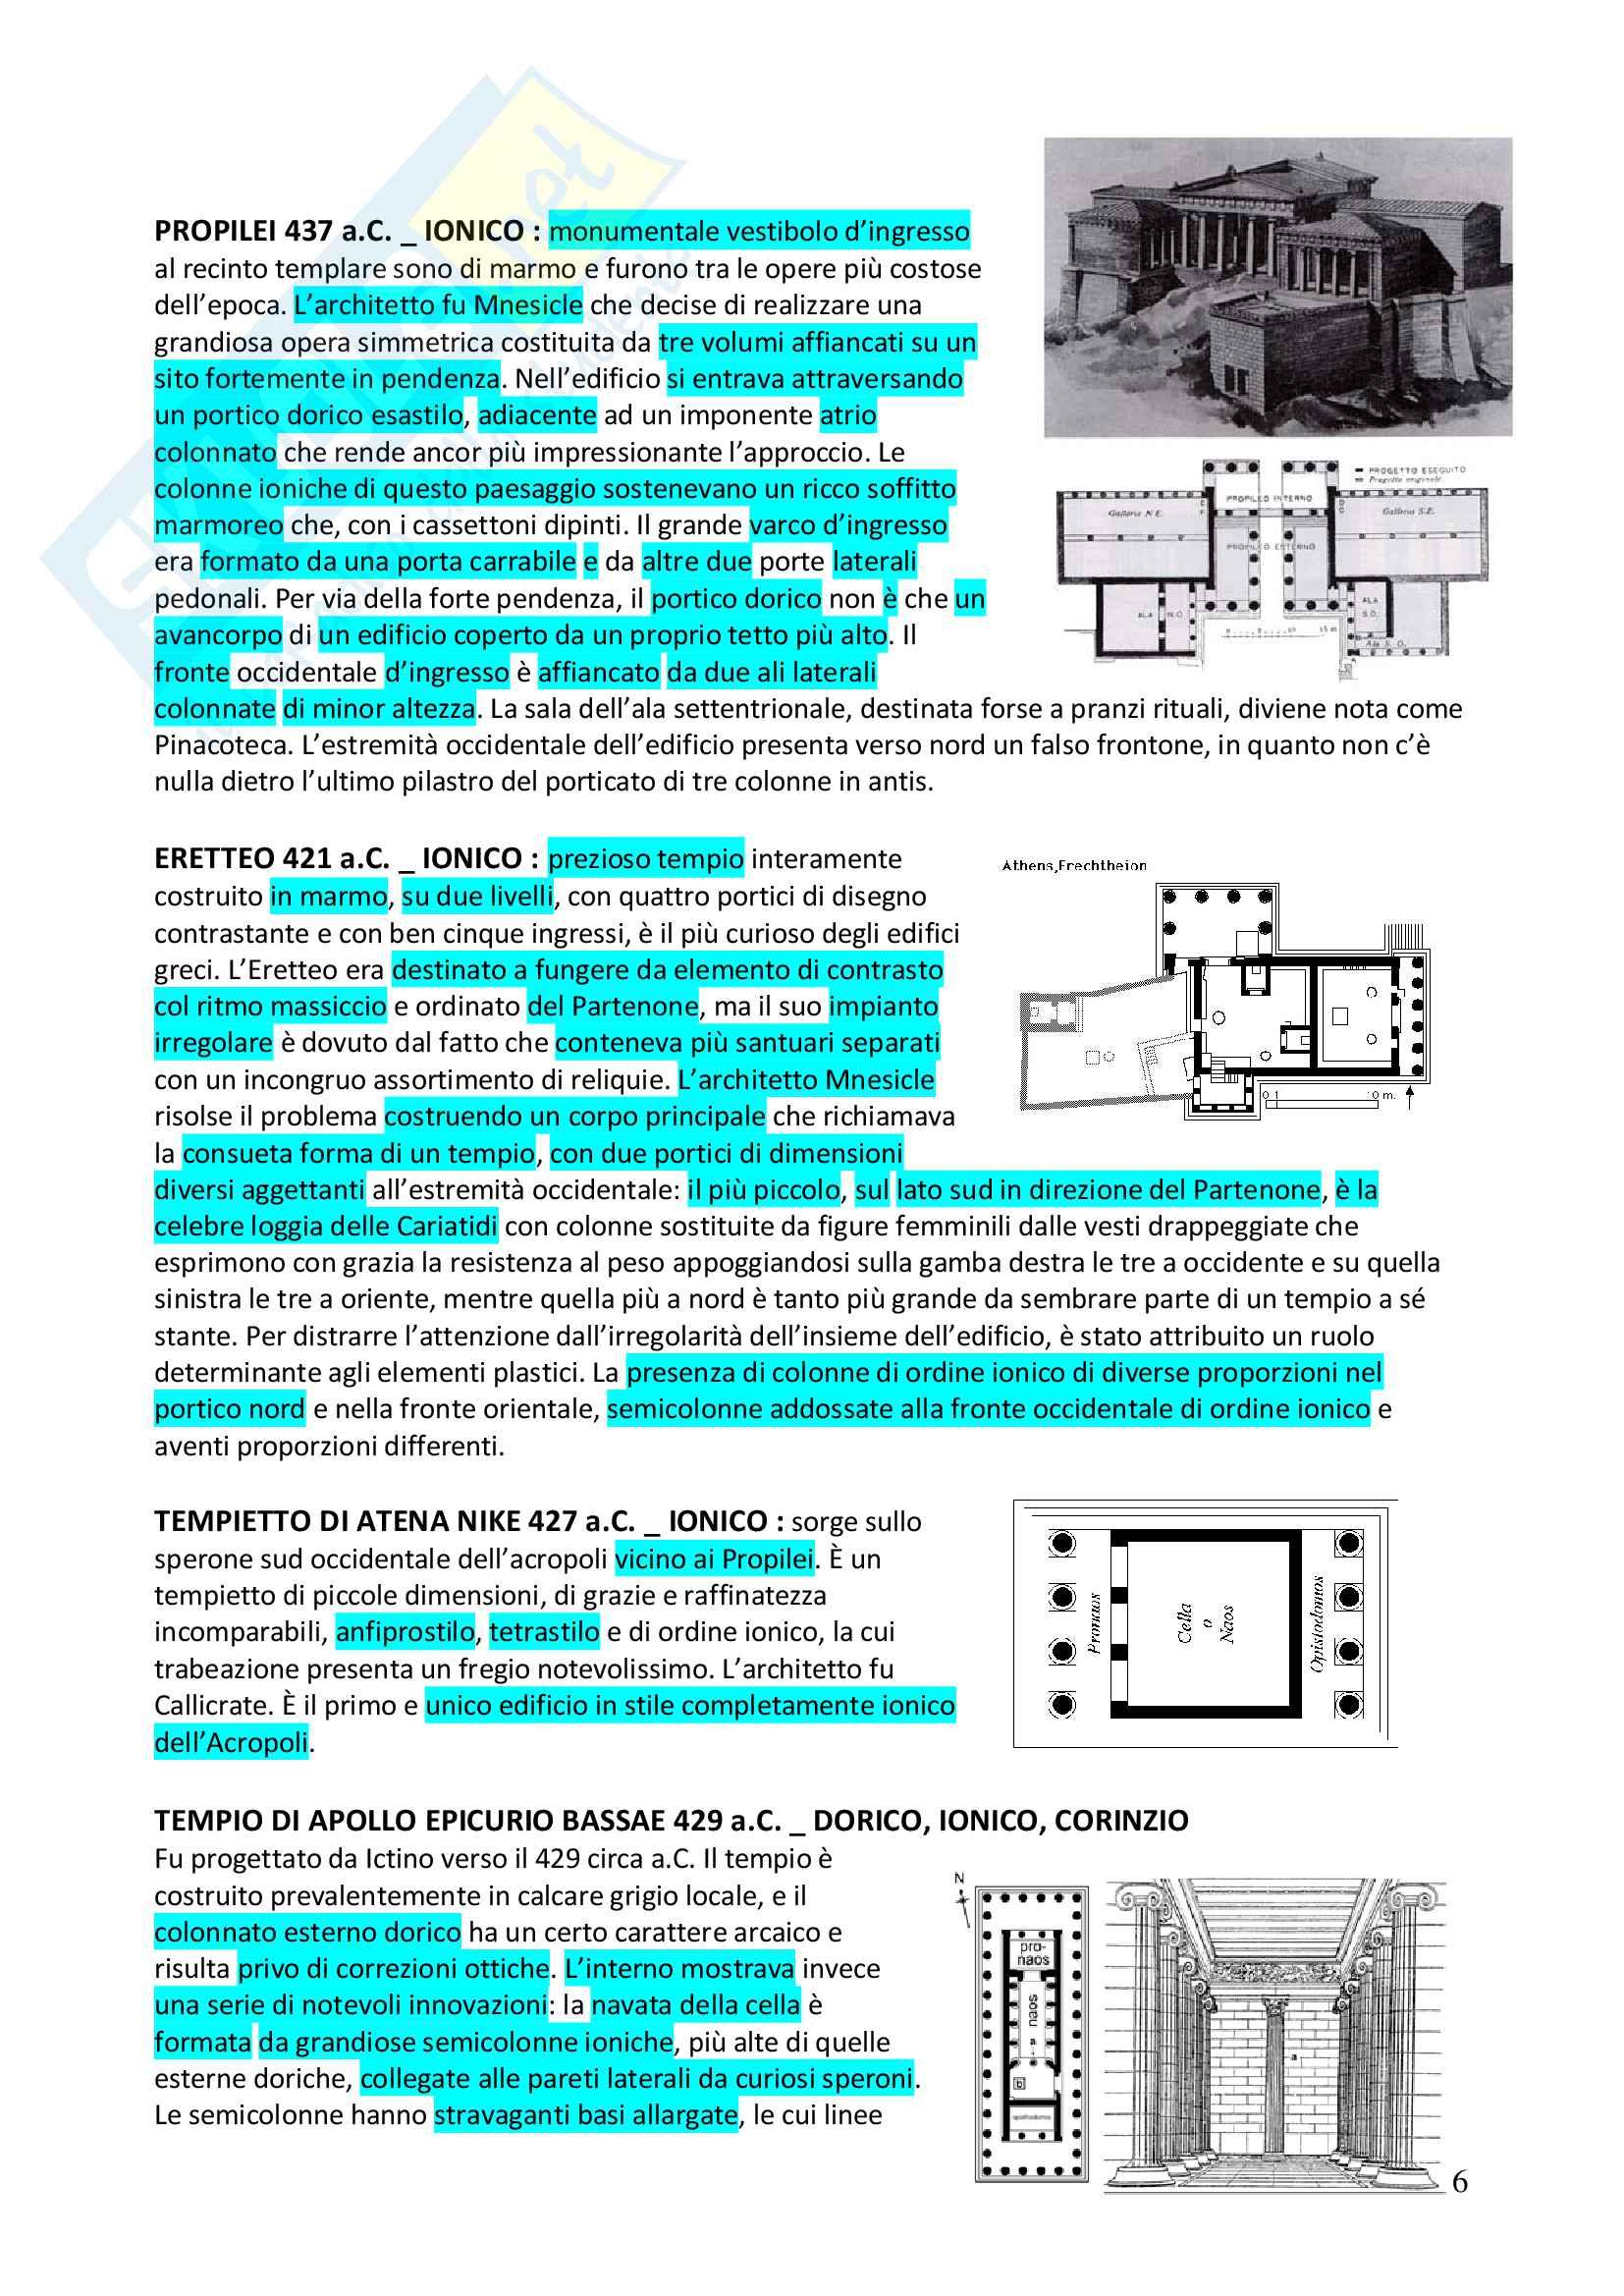 Appunti completi Storia dell'architettura 1+ Immagini Pag. 6